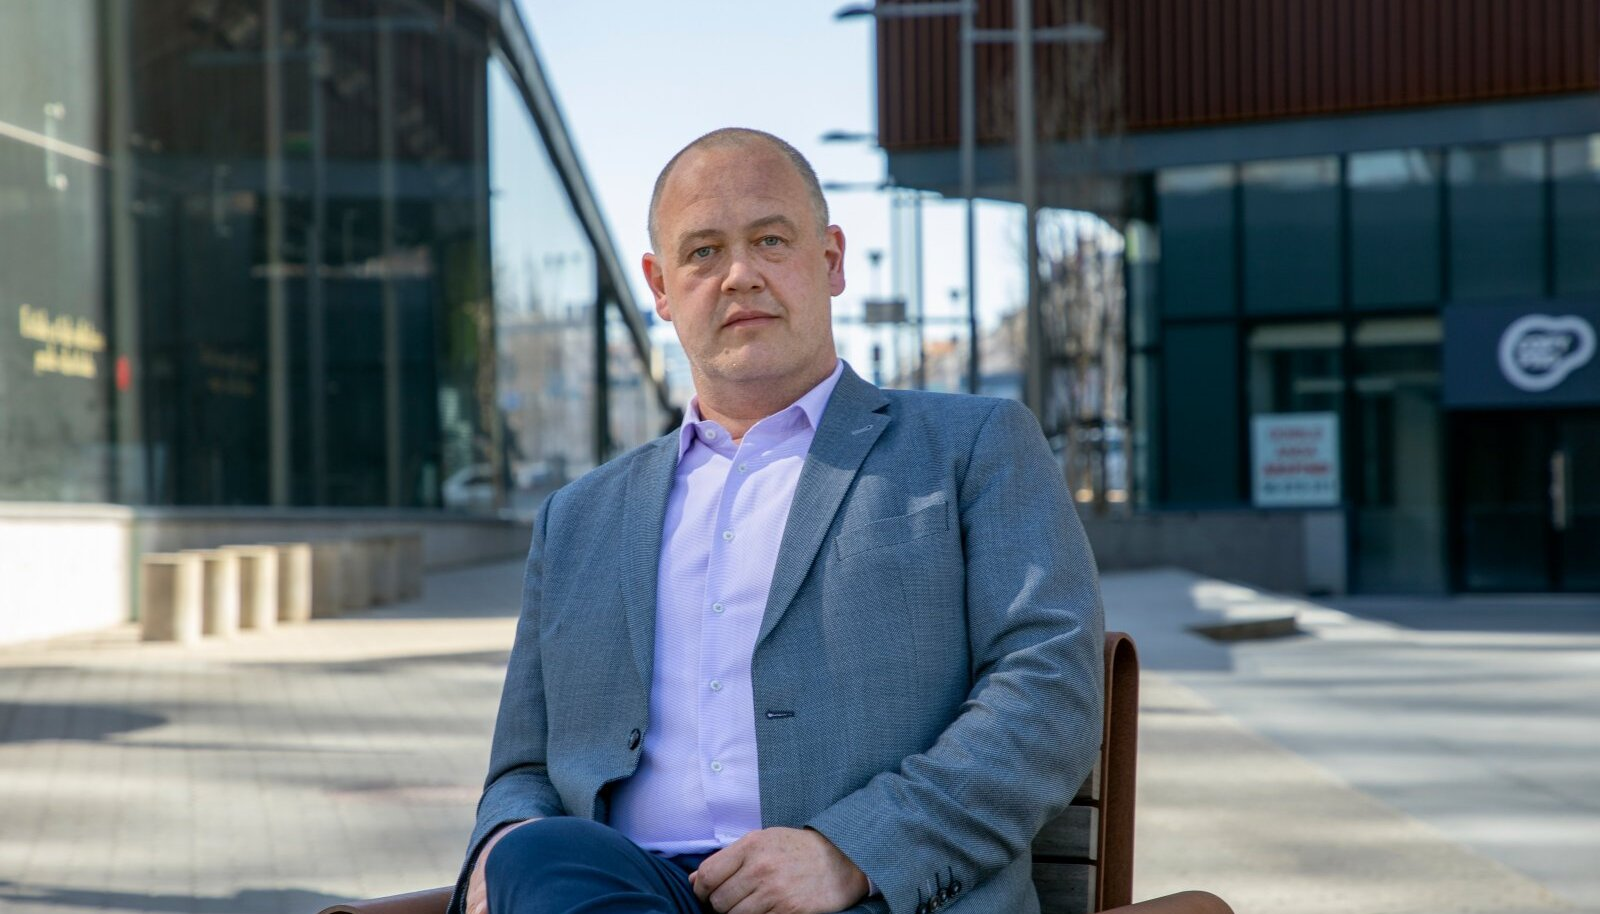 Advokaadibüroo TRINITI advokaat Ramil Pärdi võib rõõmustada, esimene samm mullu riigist välja saadatud Ukraina põllutööliste õiguse kaitseks on tehtud, kuid lõpliku võiduni on veel minna.